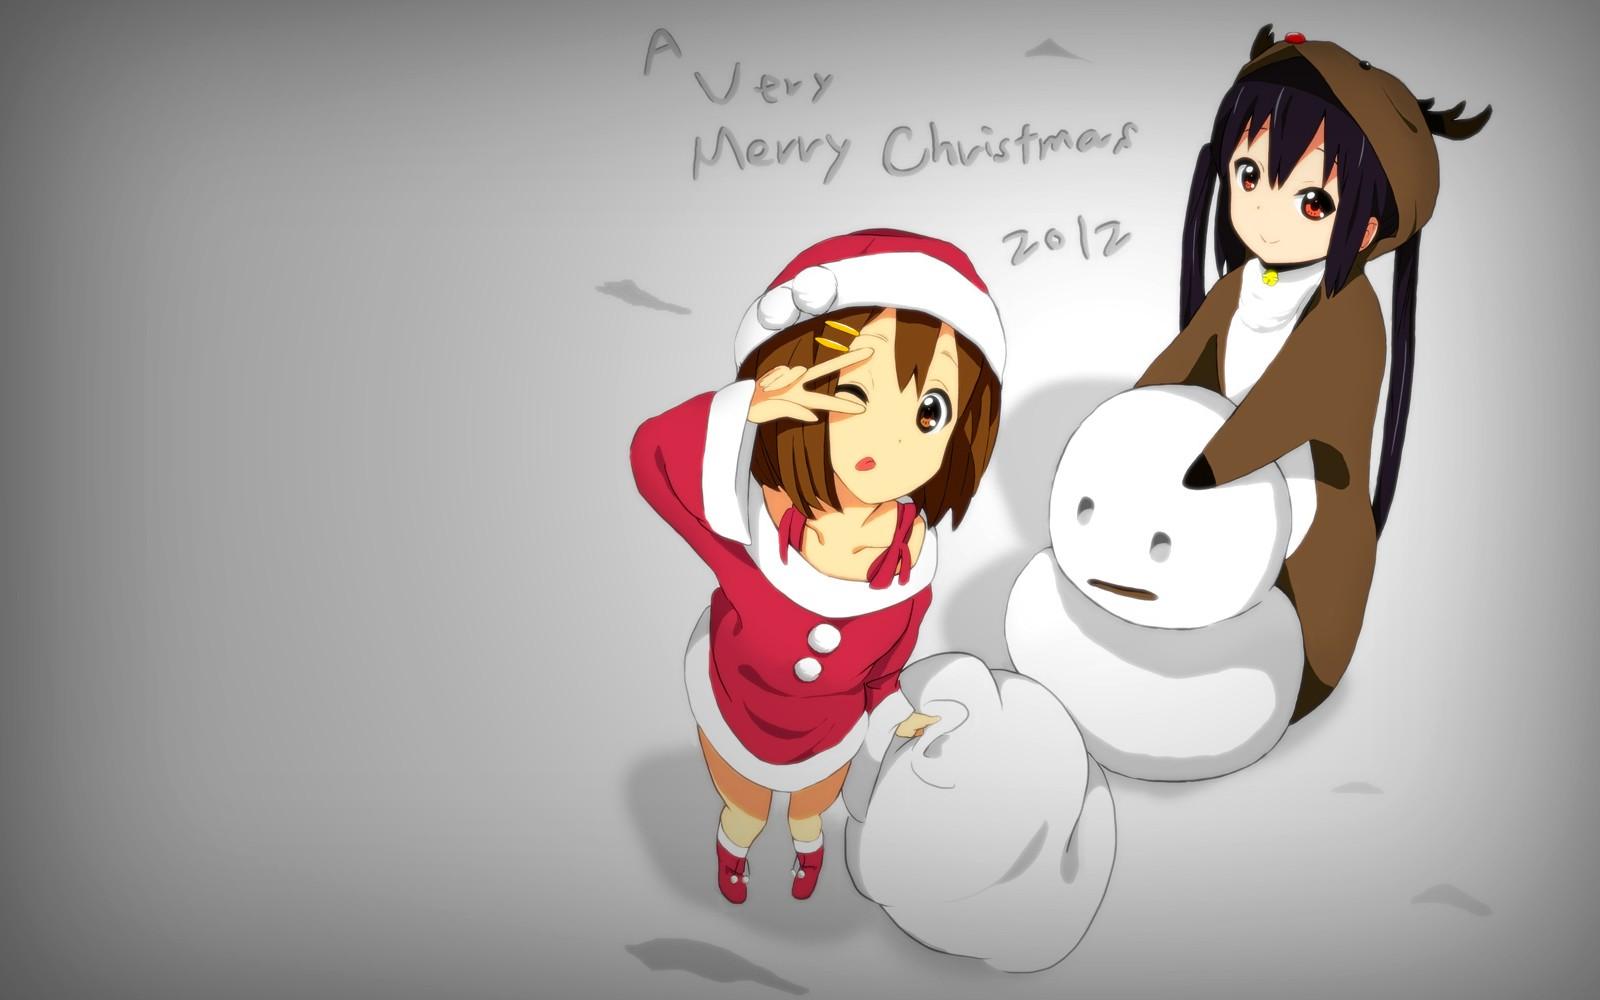 デスクトップ壁紙 図 アニメの女の子 漫画 クリスマス K On